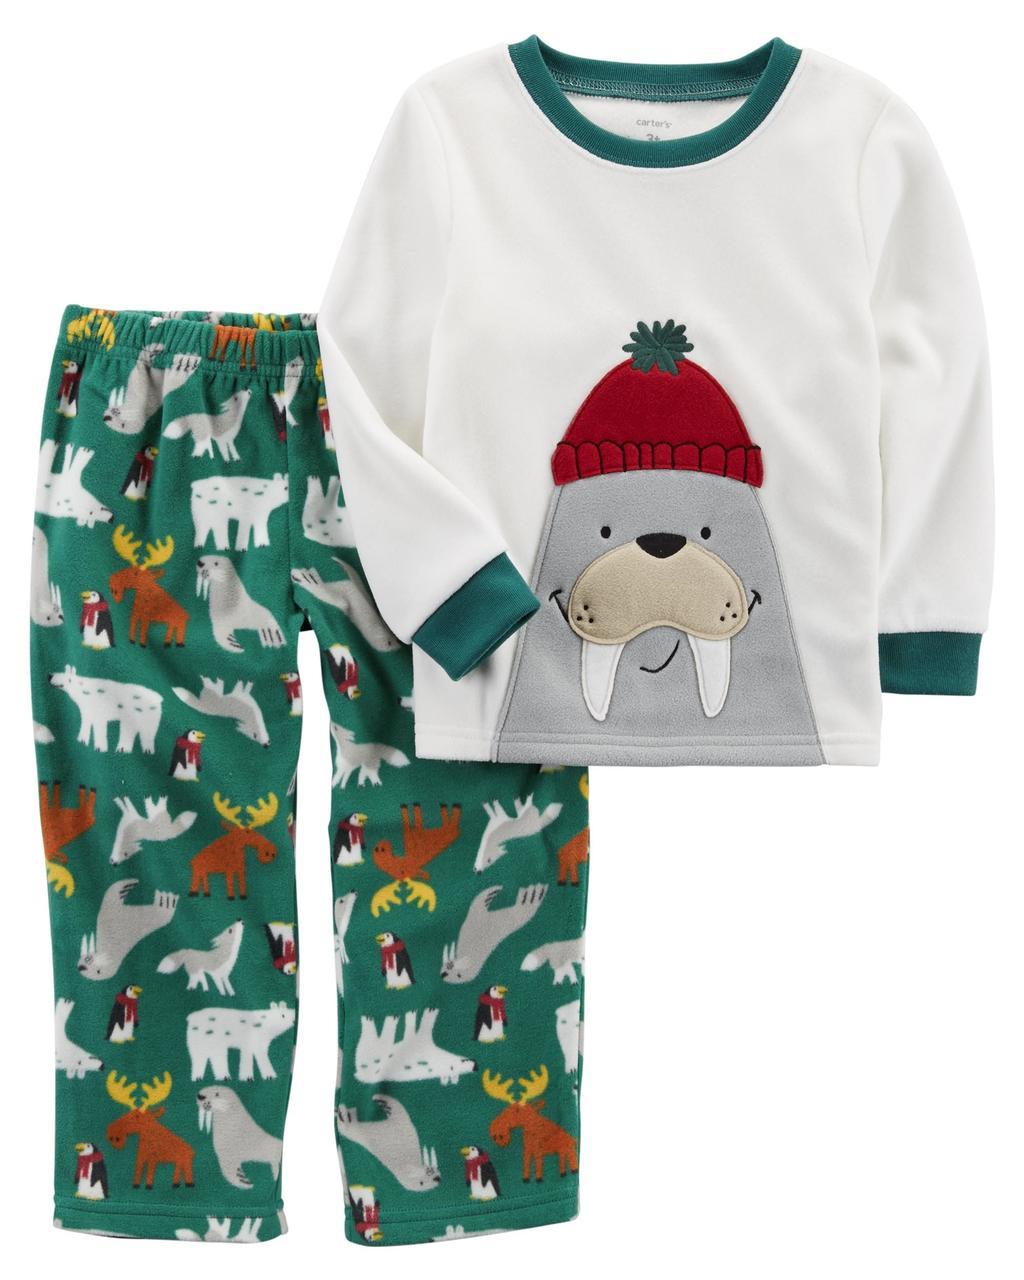 Пижама флисовая на мальчика 3-4 года Морж Carter's (США)